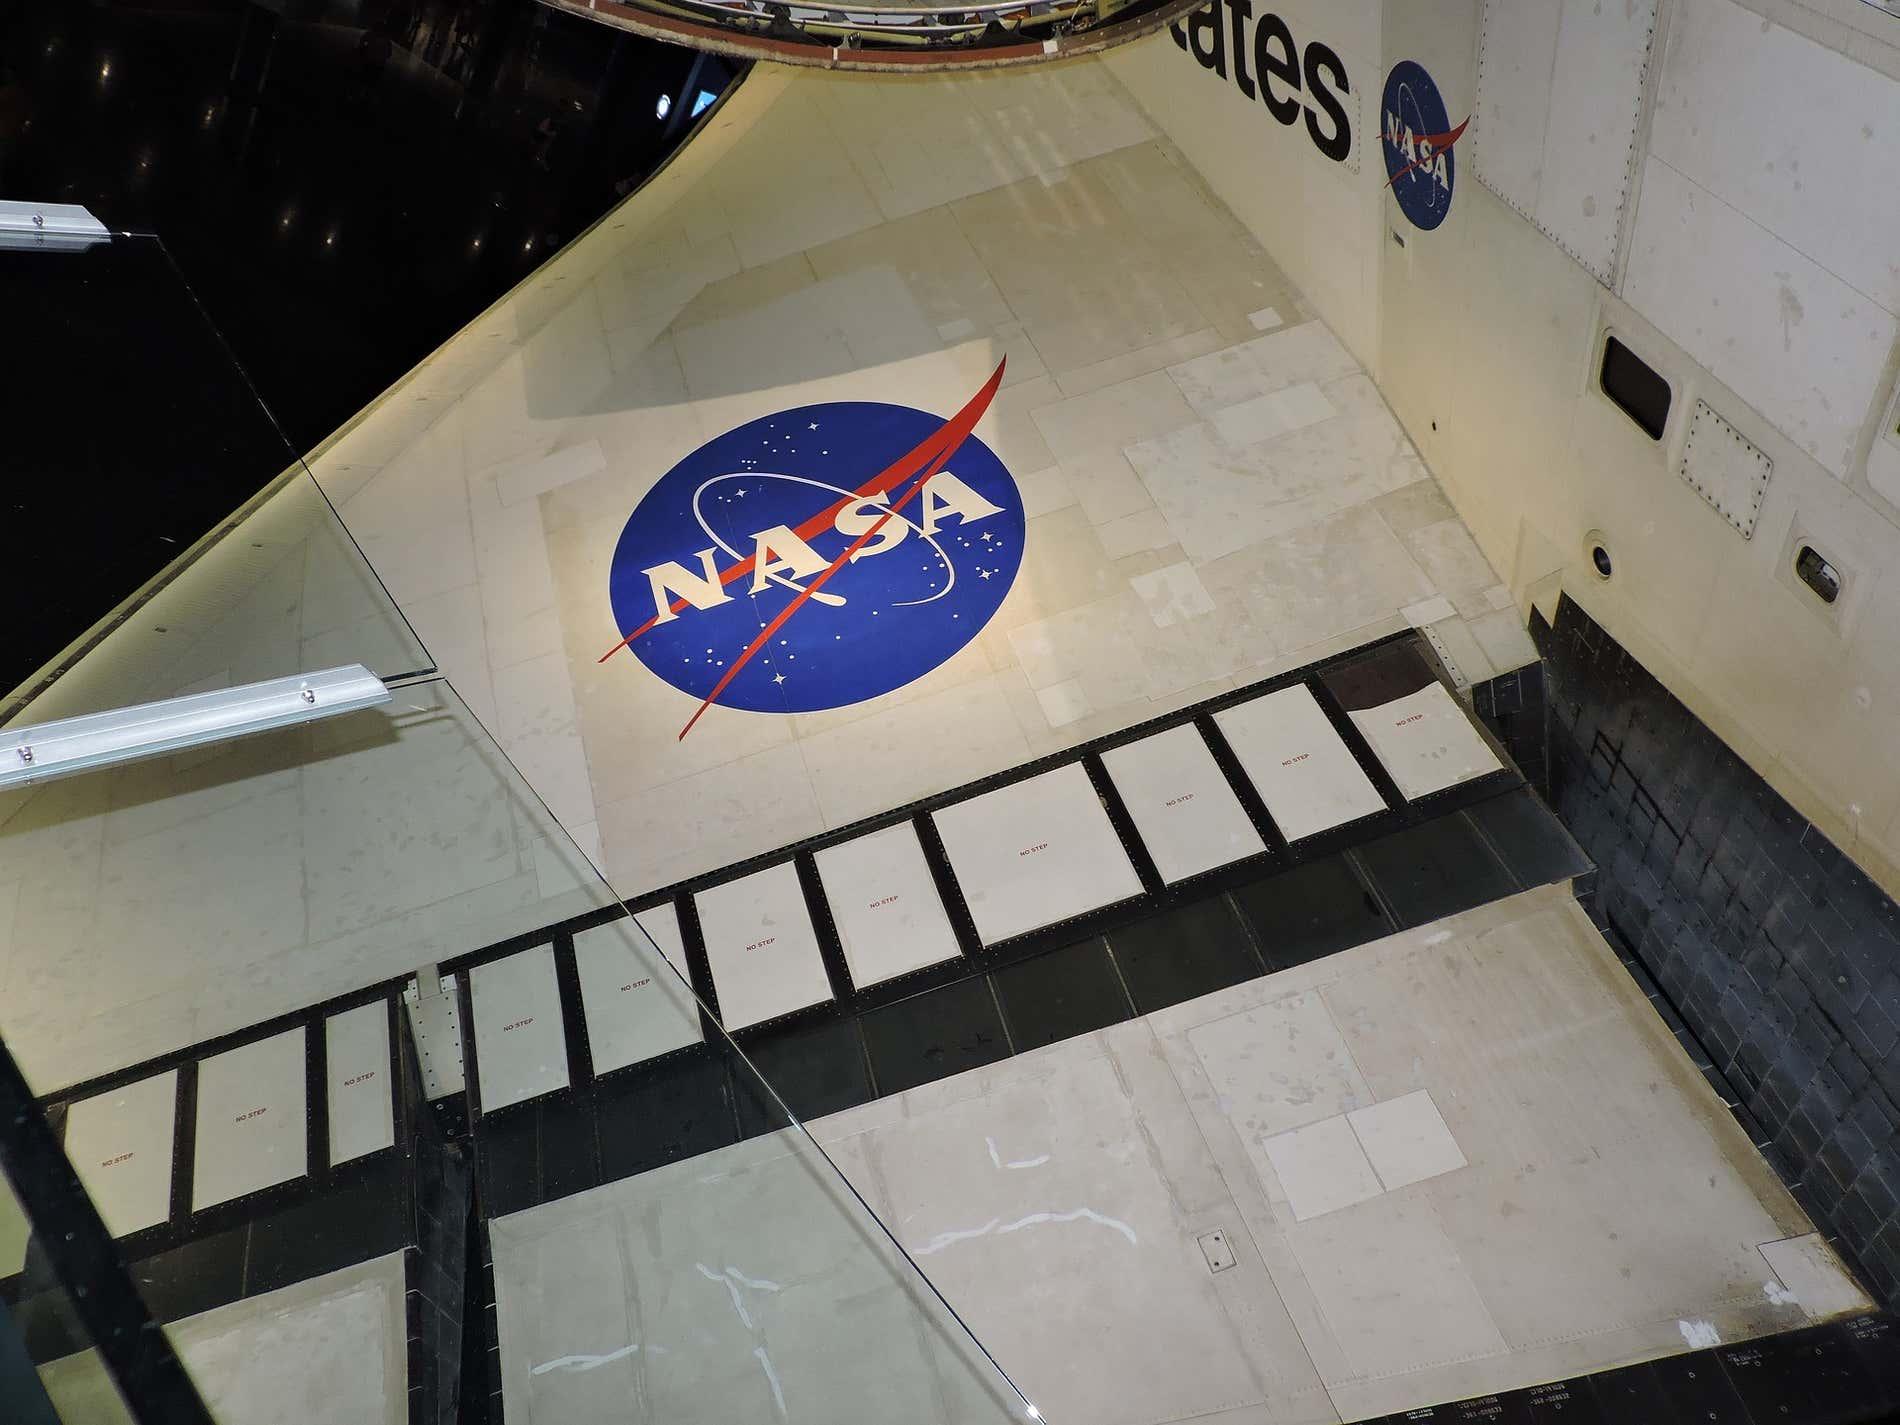 Lanzamiento del transbordador espacial Atlantis: misión STS-129